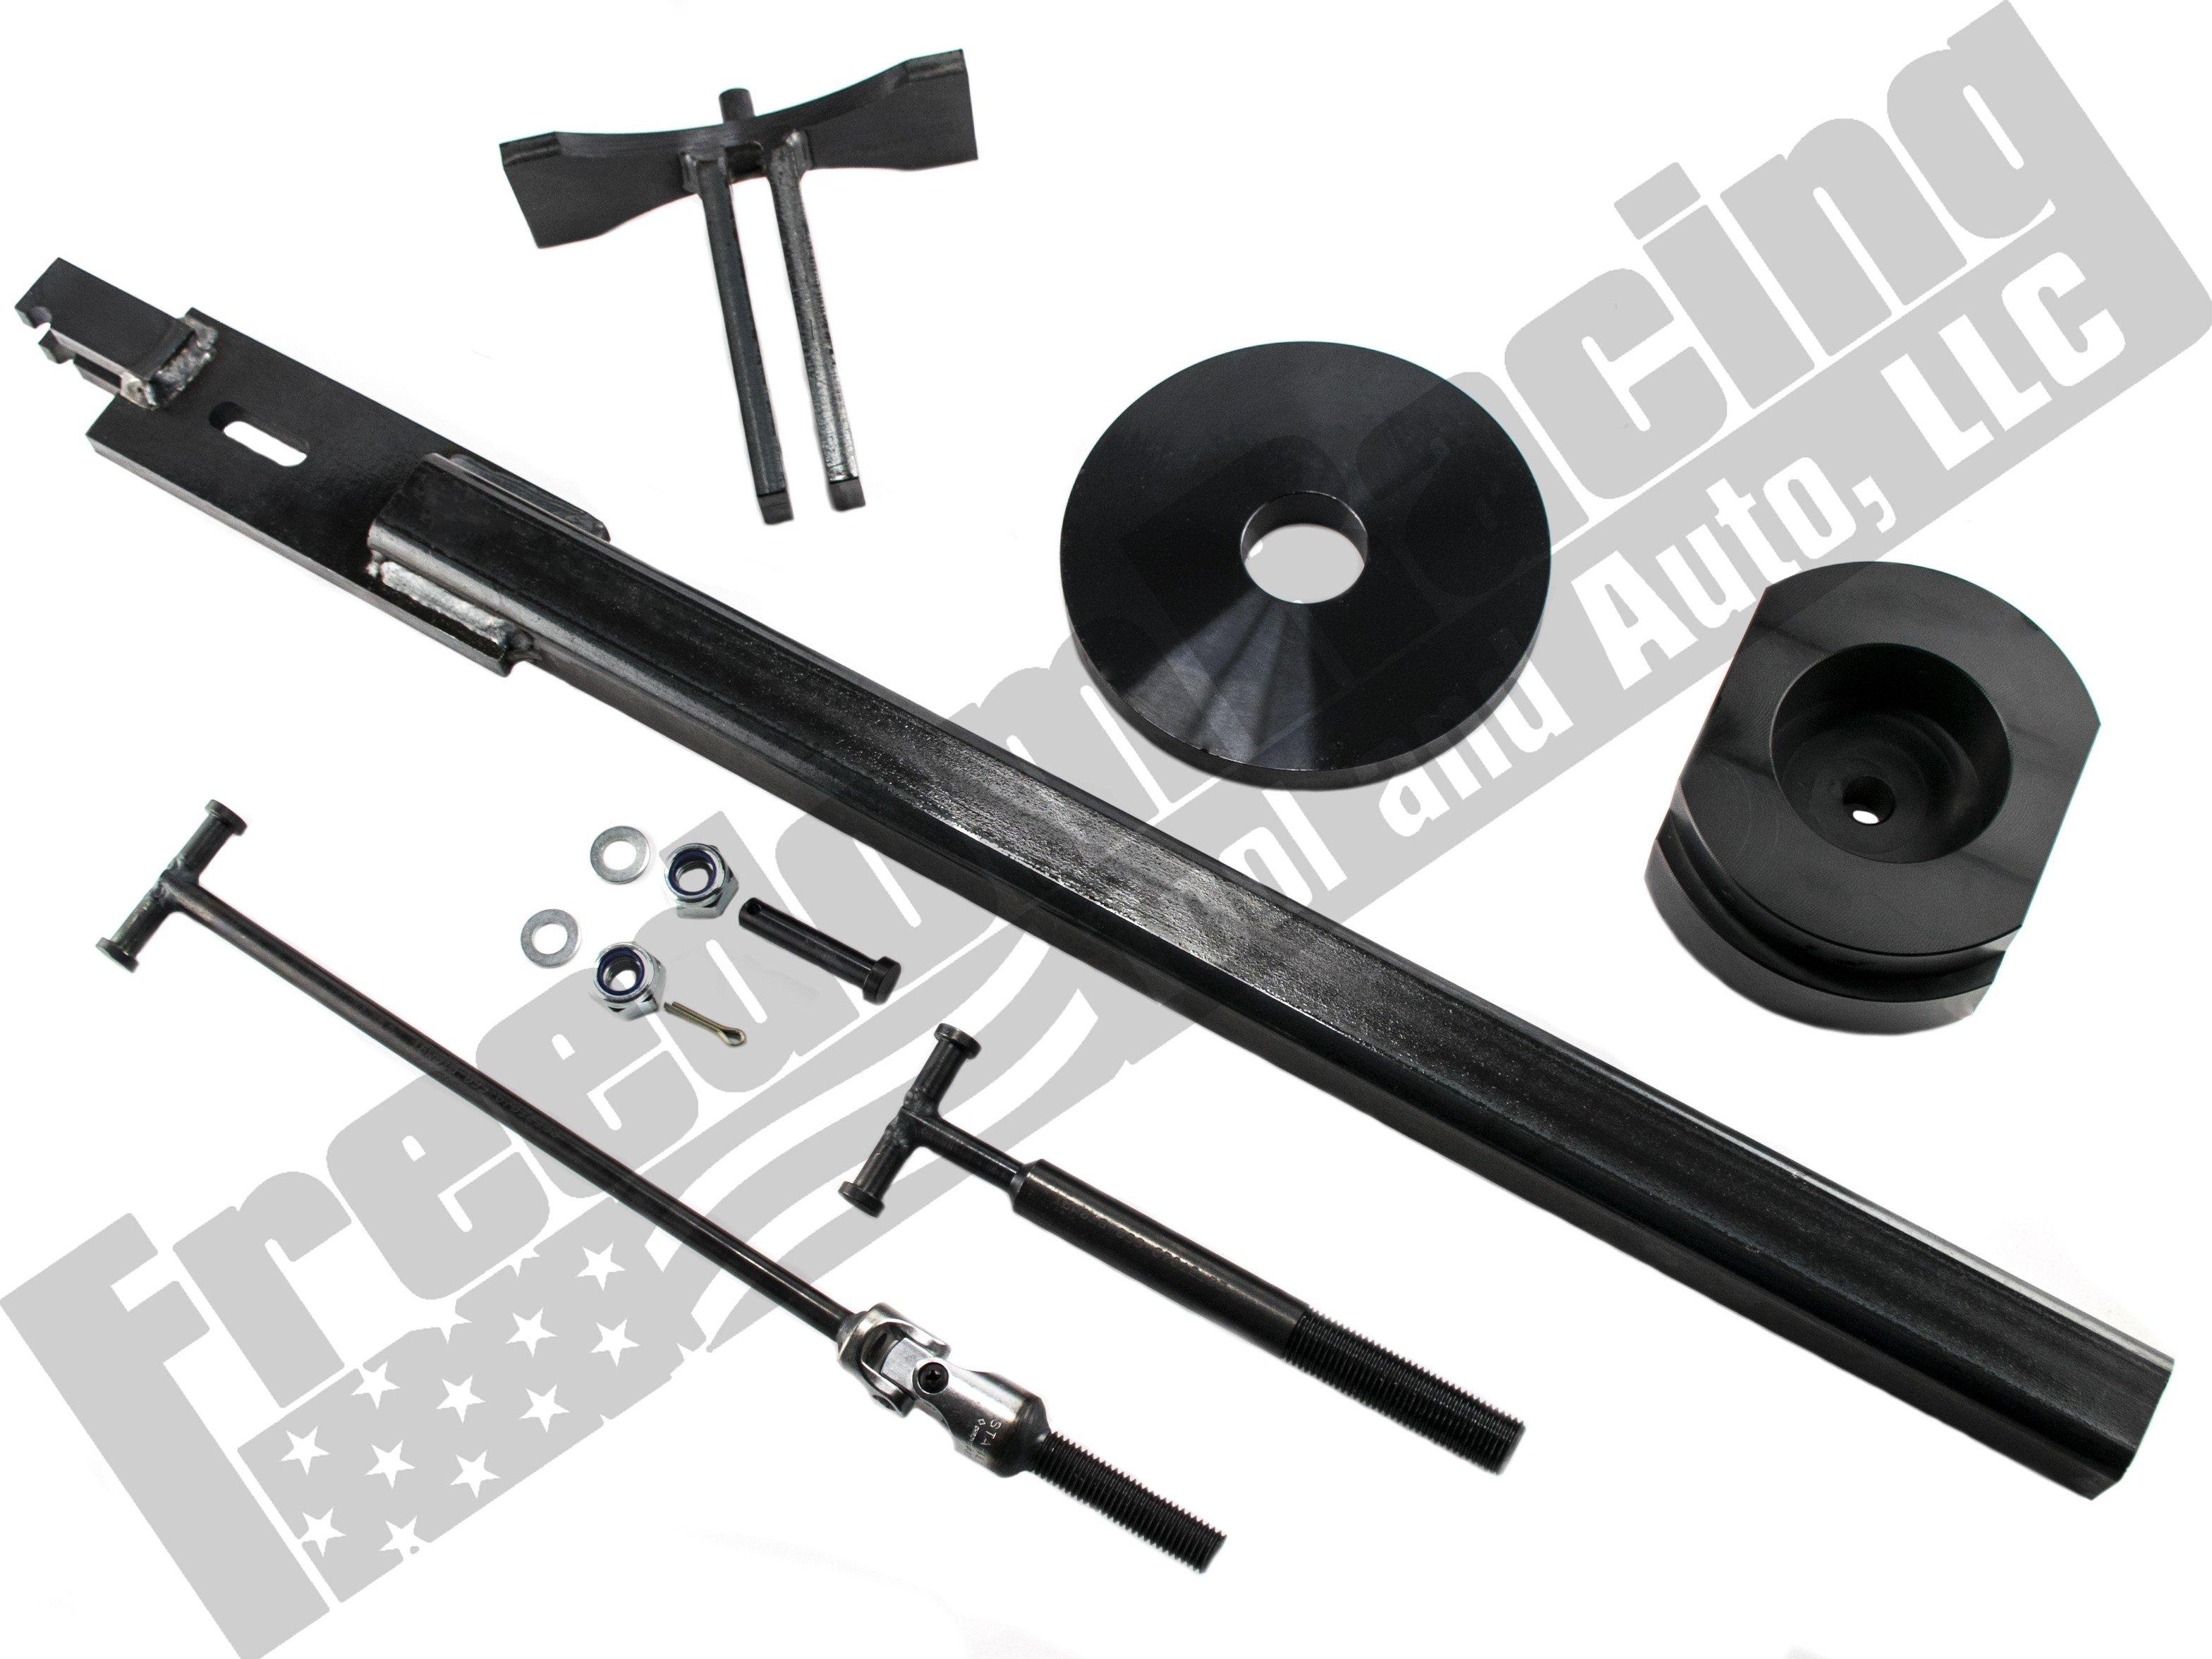 1696707 Cylinder Pack Liner Puller Remover Tool 2007 Ford Explorer Egr Valve Location